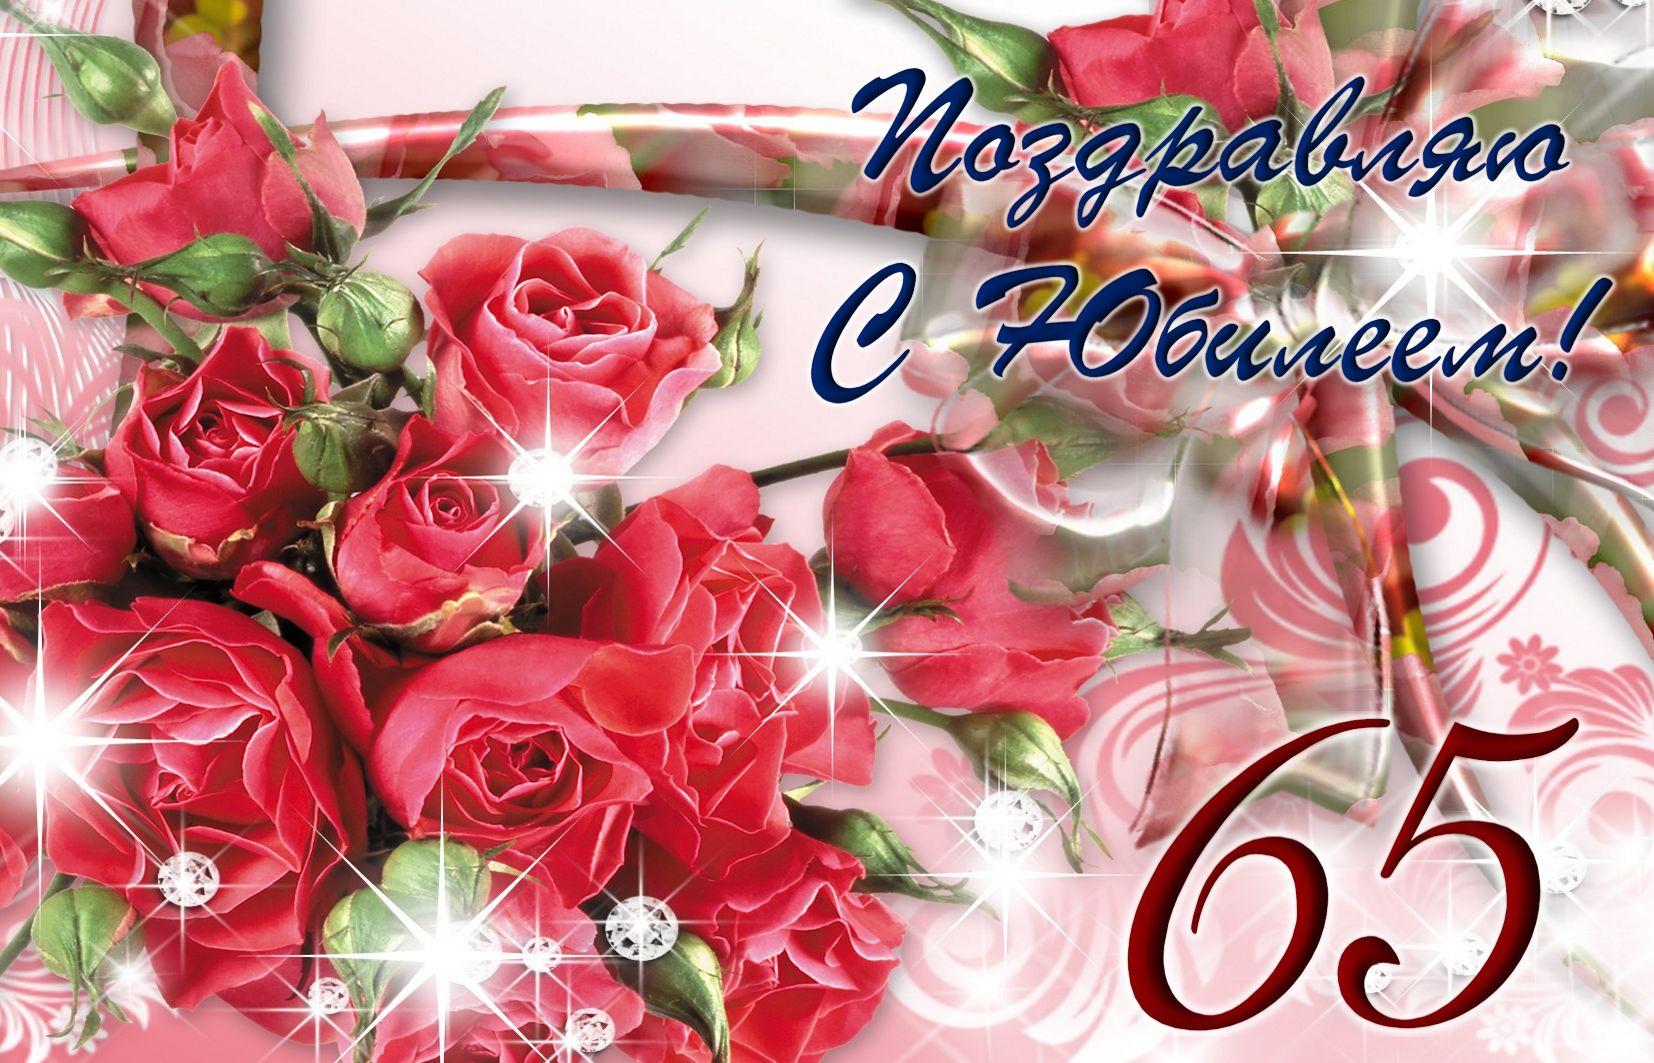 Открытка на 65 лет - блестящие красные розы на юбилей